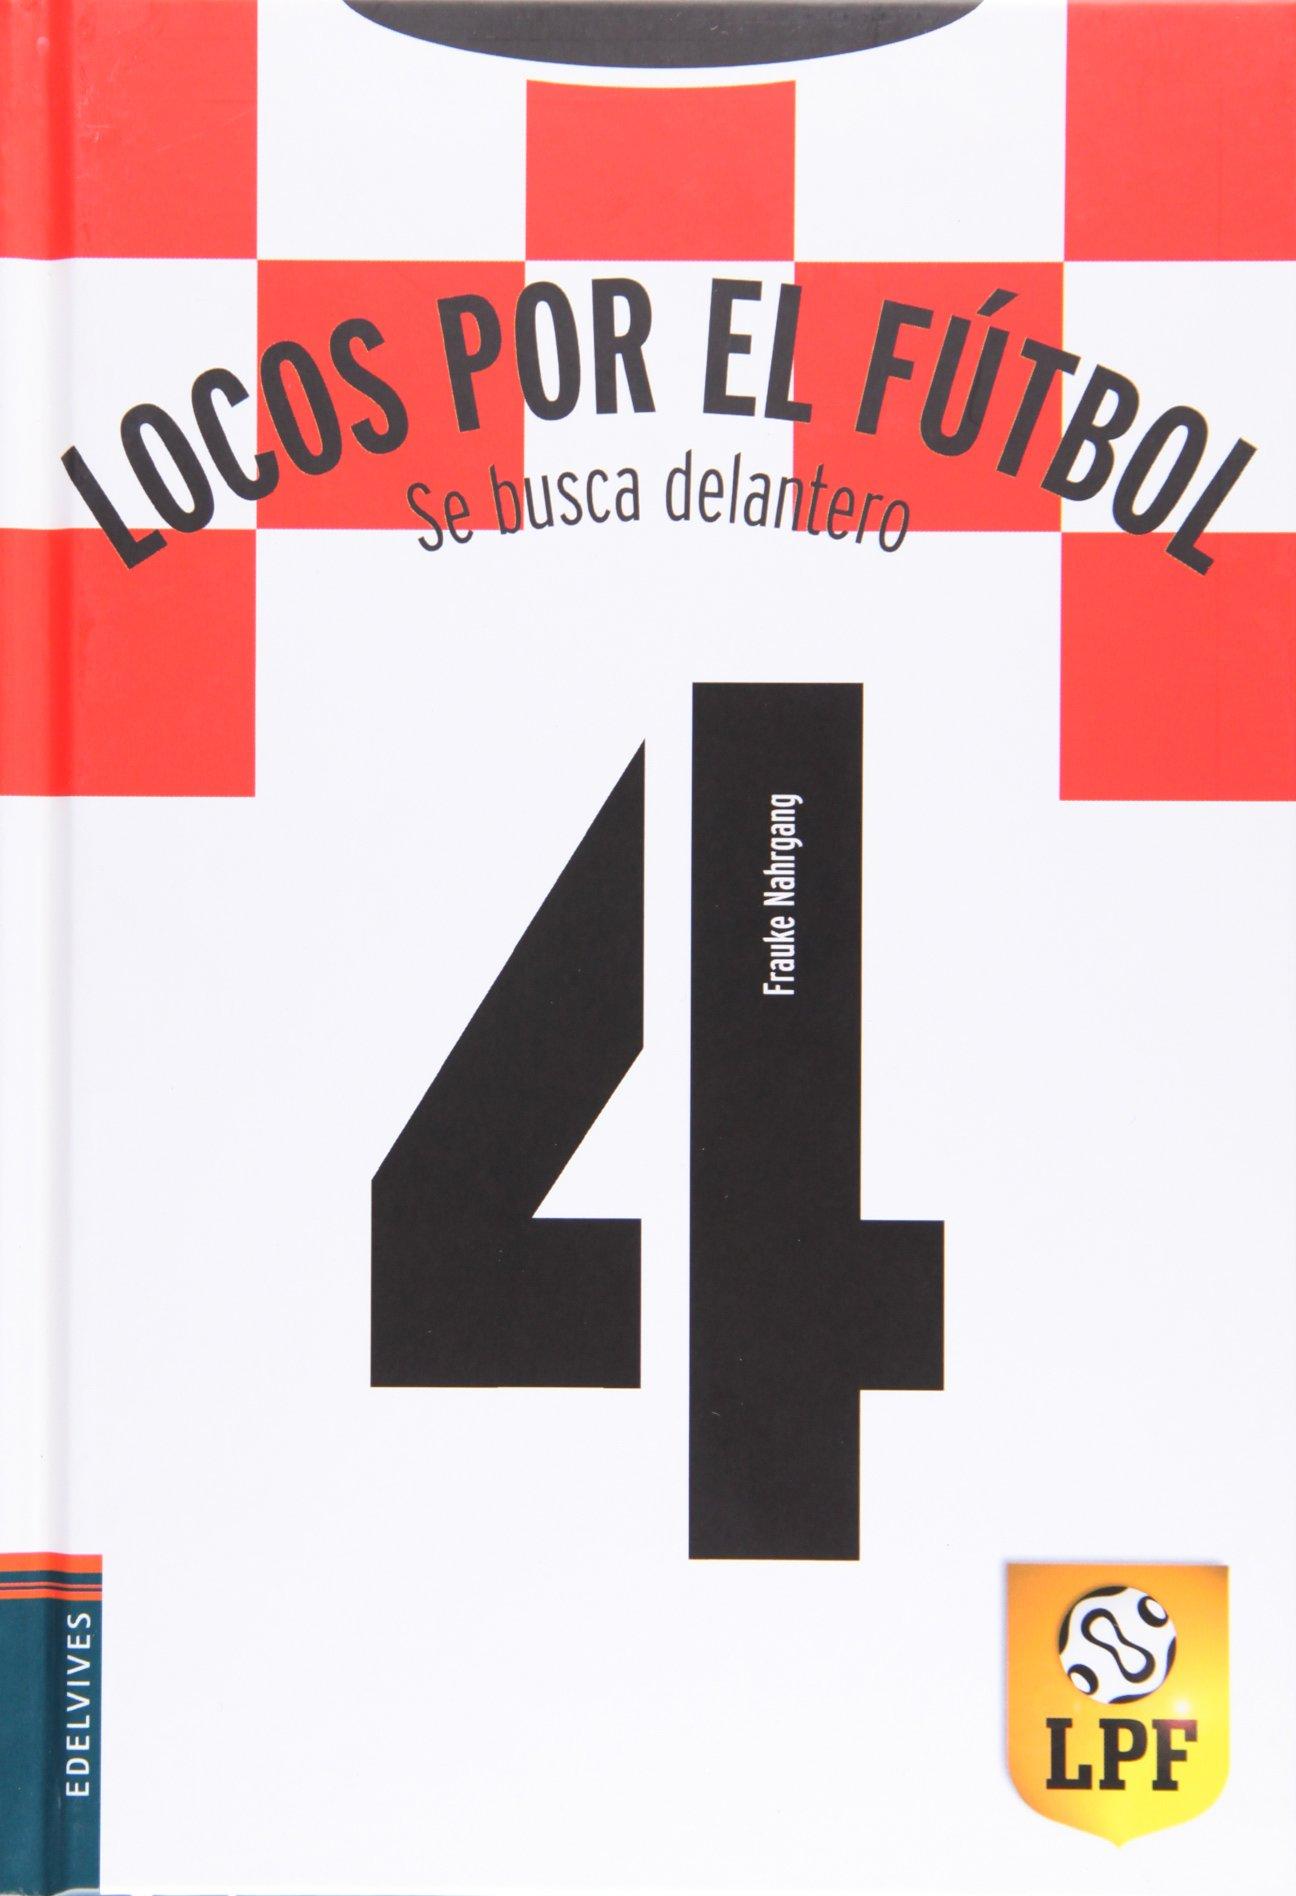 Locos por el futbol - Se busca delantero Locos por el fútbol  Amazon.es  Frauke  Nahrgang 9823856ed9009